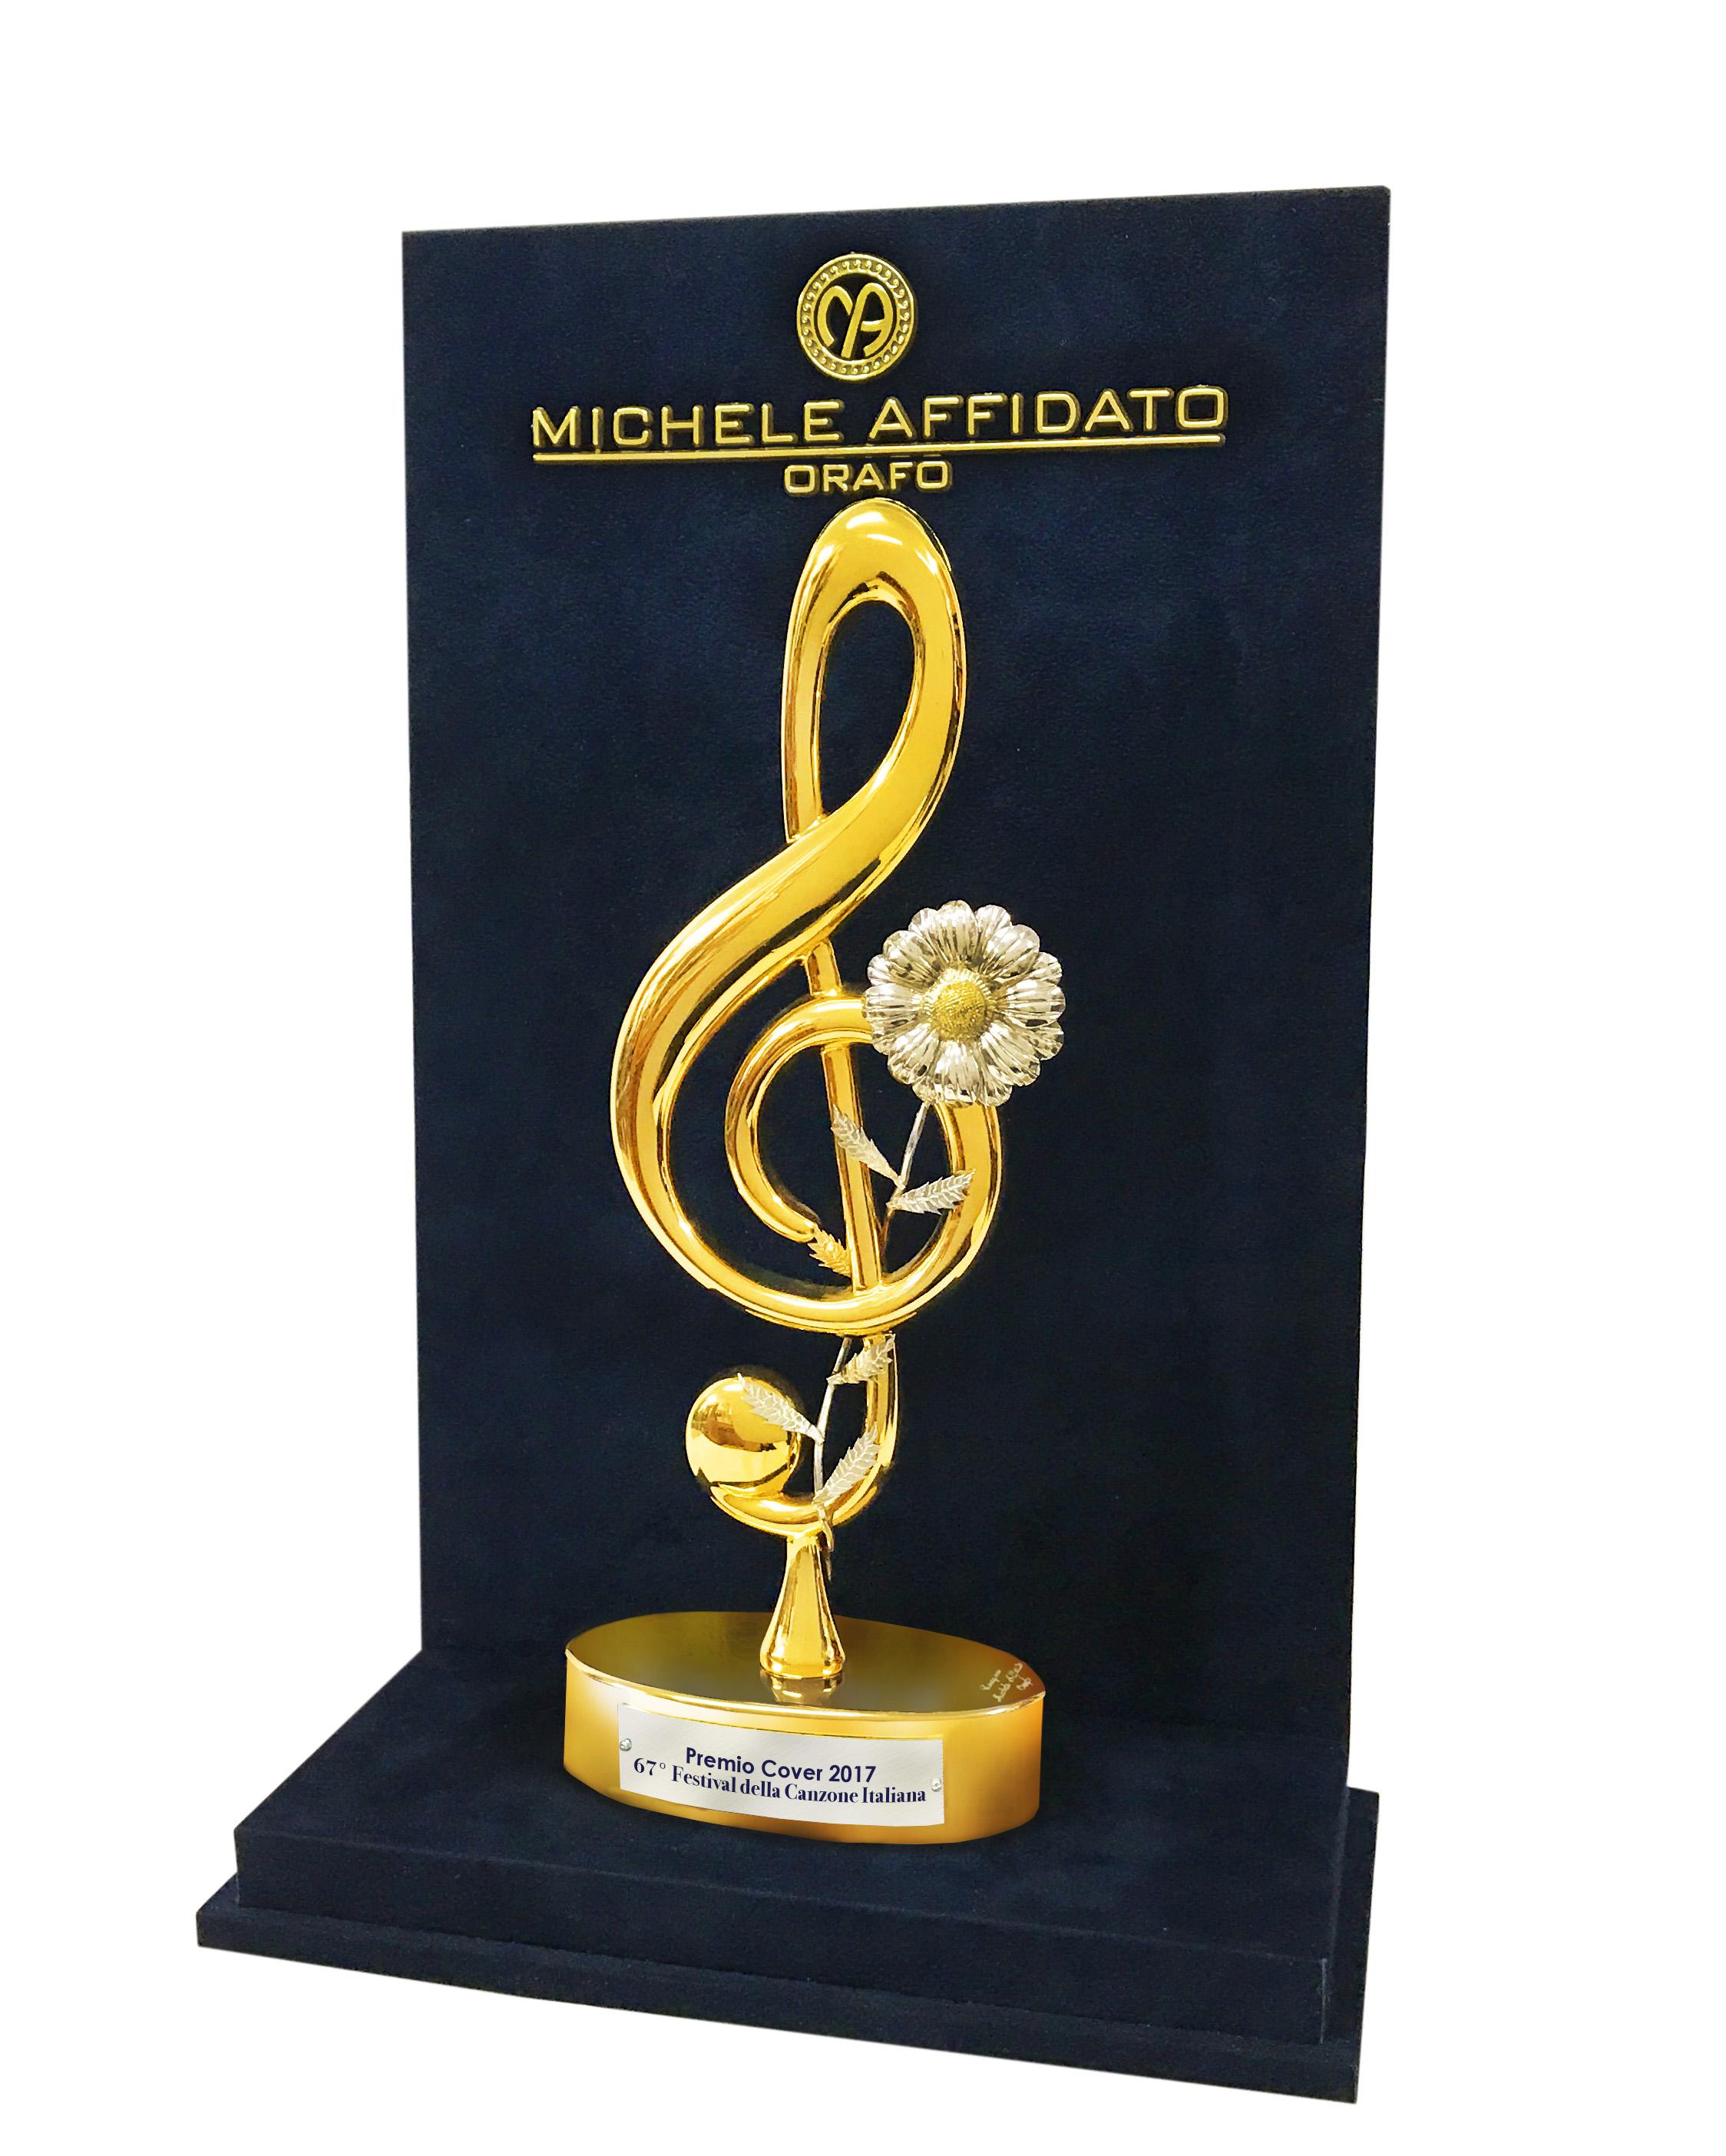 premio cover michele affidato